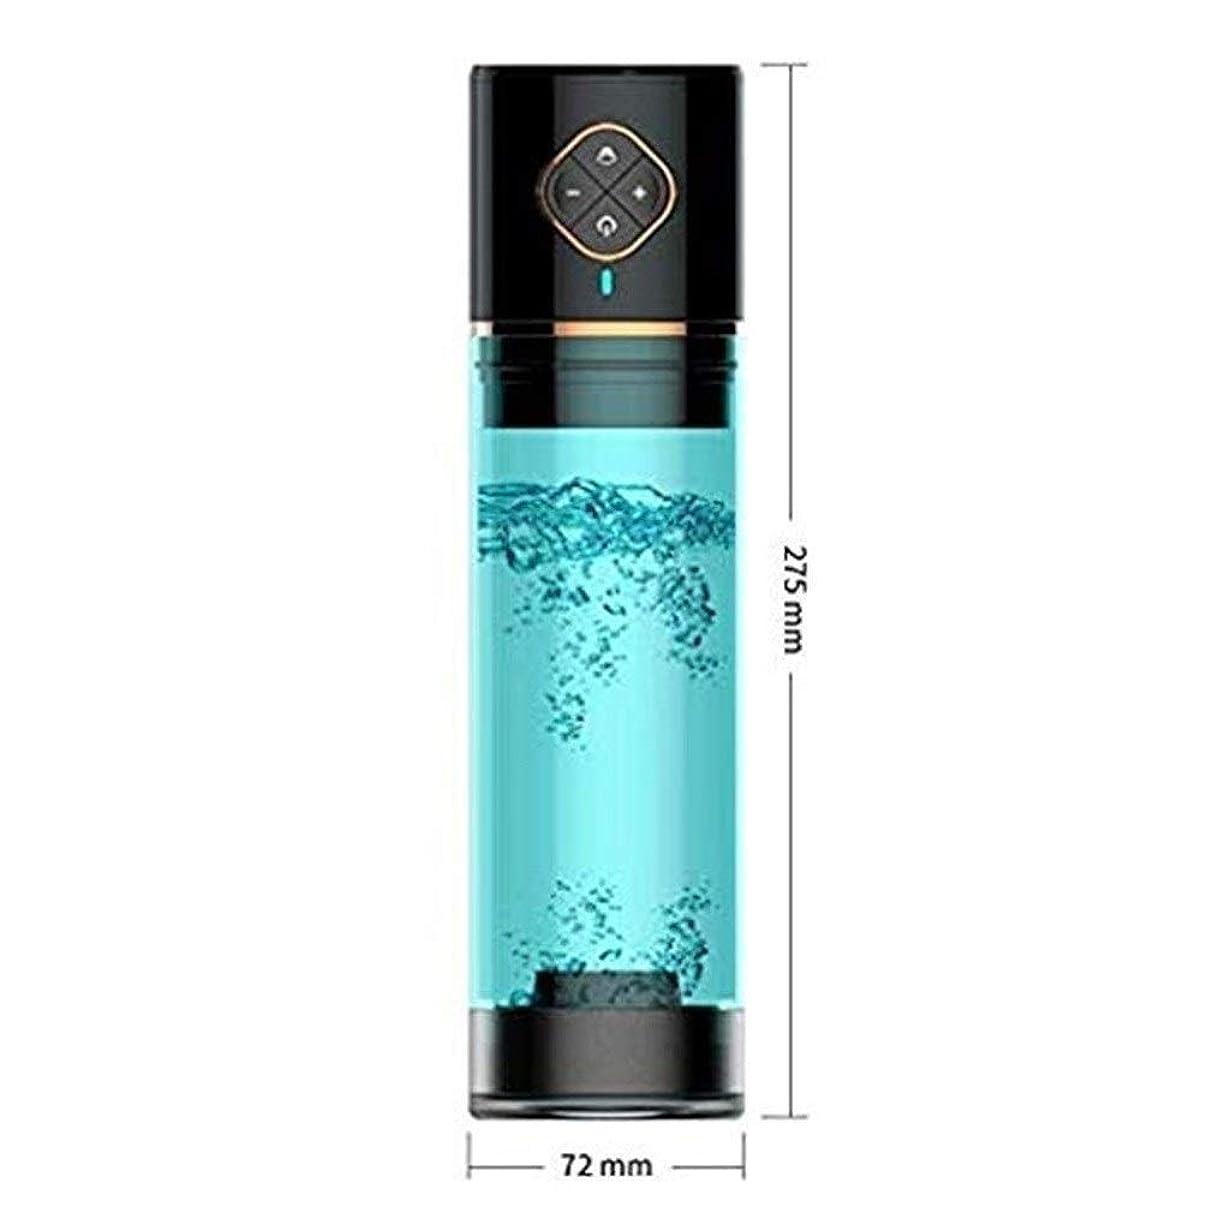 操るイースター見てRisareyi 男性の引き伸ばしポンプ自動空気圧ポンプPenǐsextenderエンハンサー-男性用リラクゼーションデバイス